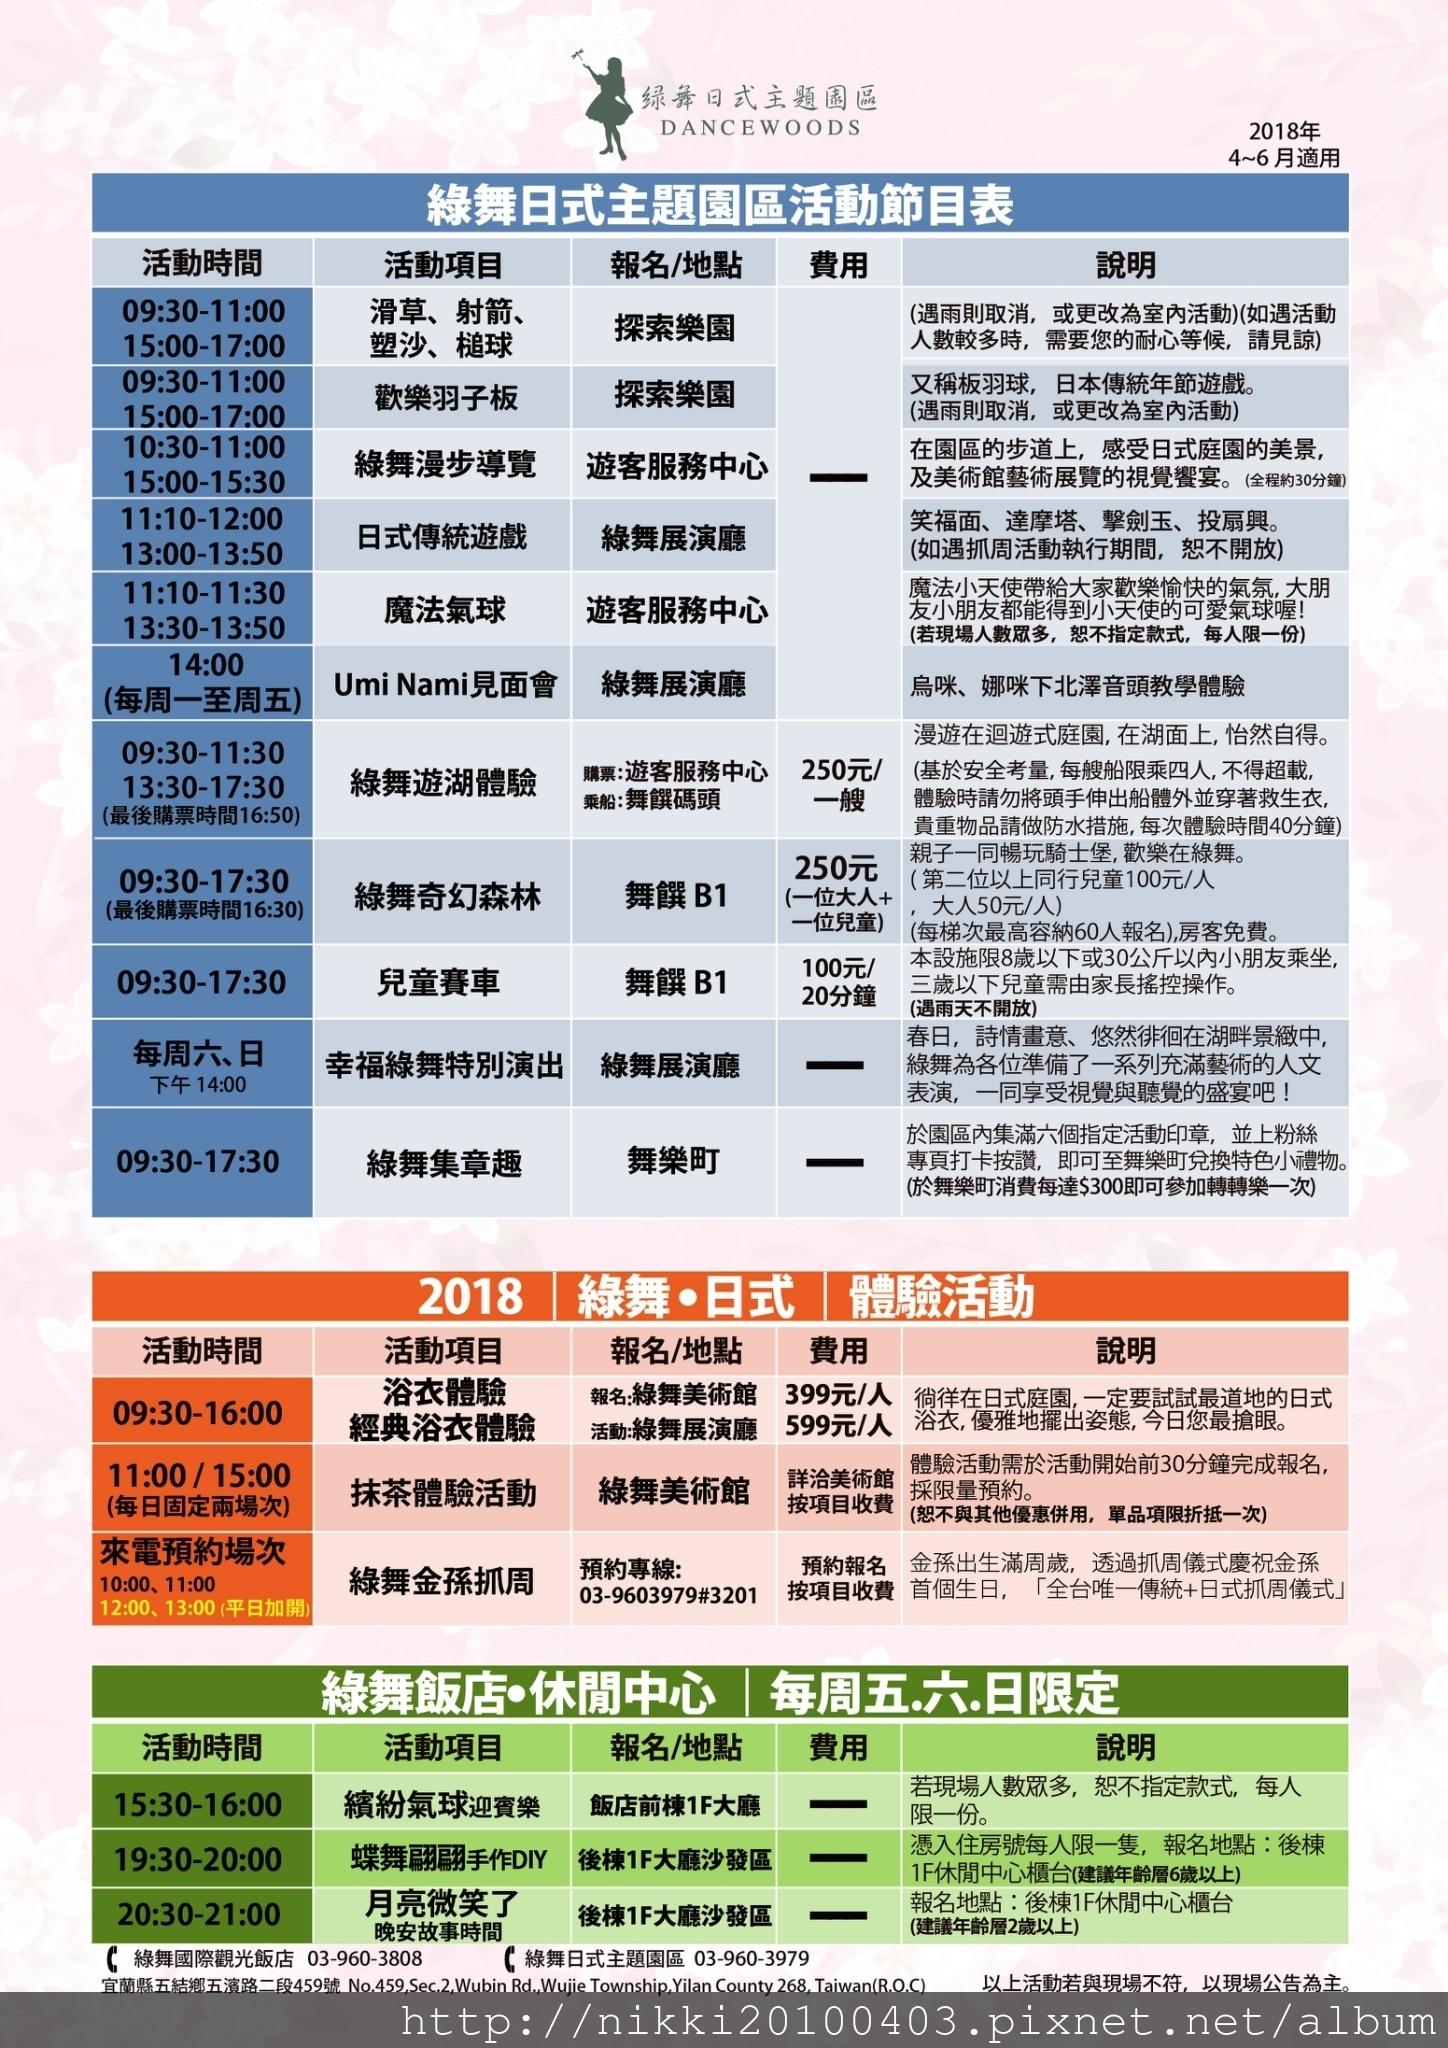 日式主題園區4-6月活動表.jpg